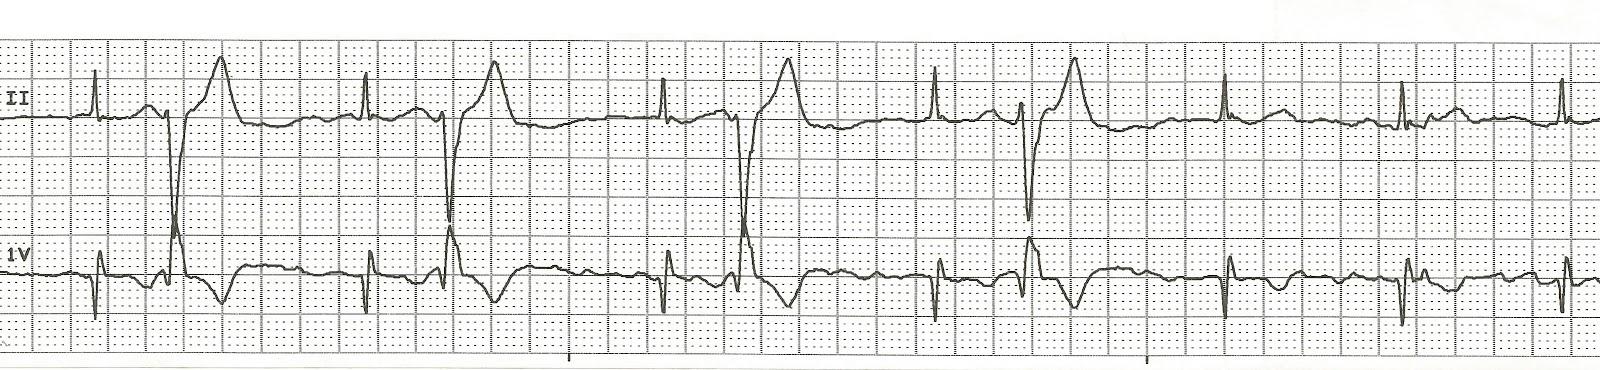 Ventricular Bigeminy Rhythm Ekg Rhythm Strips 81 Bigeminy